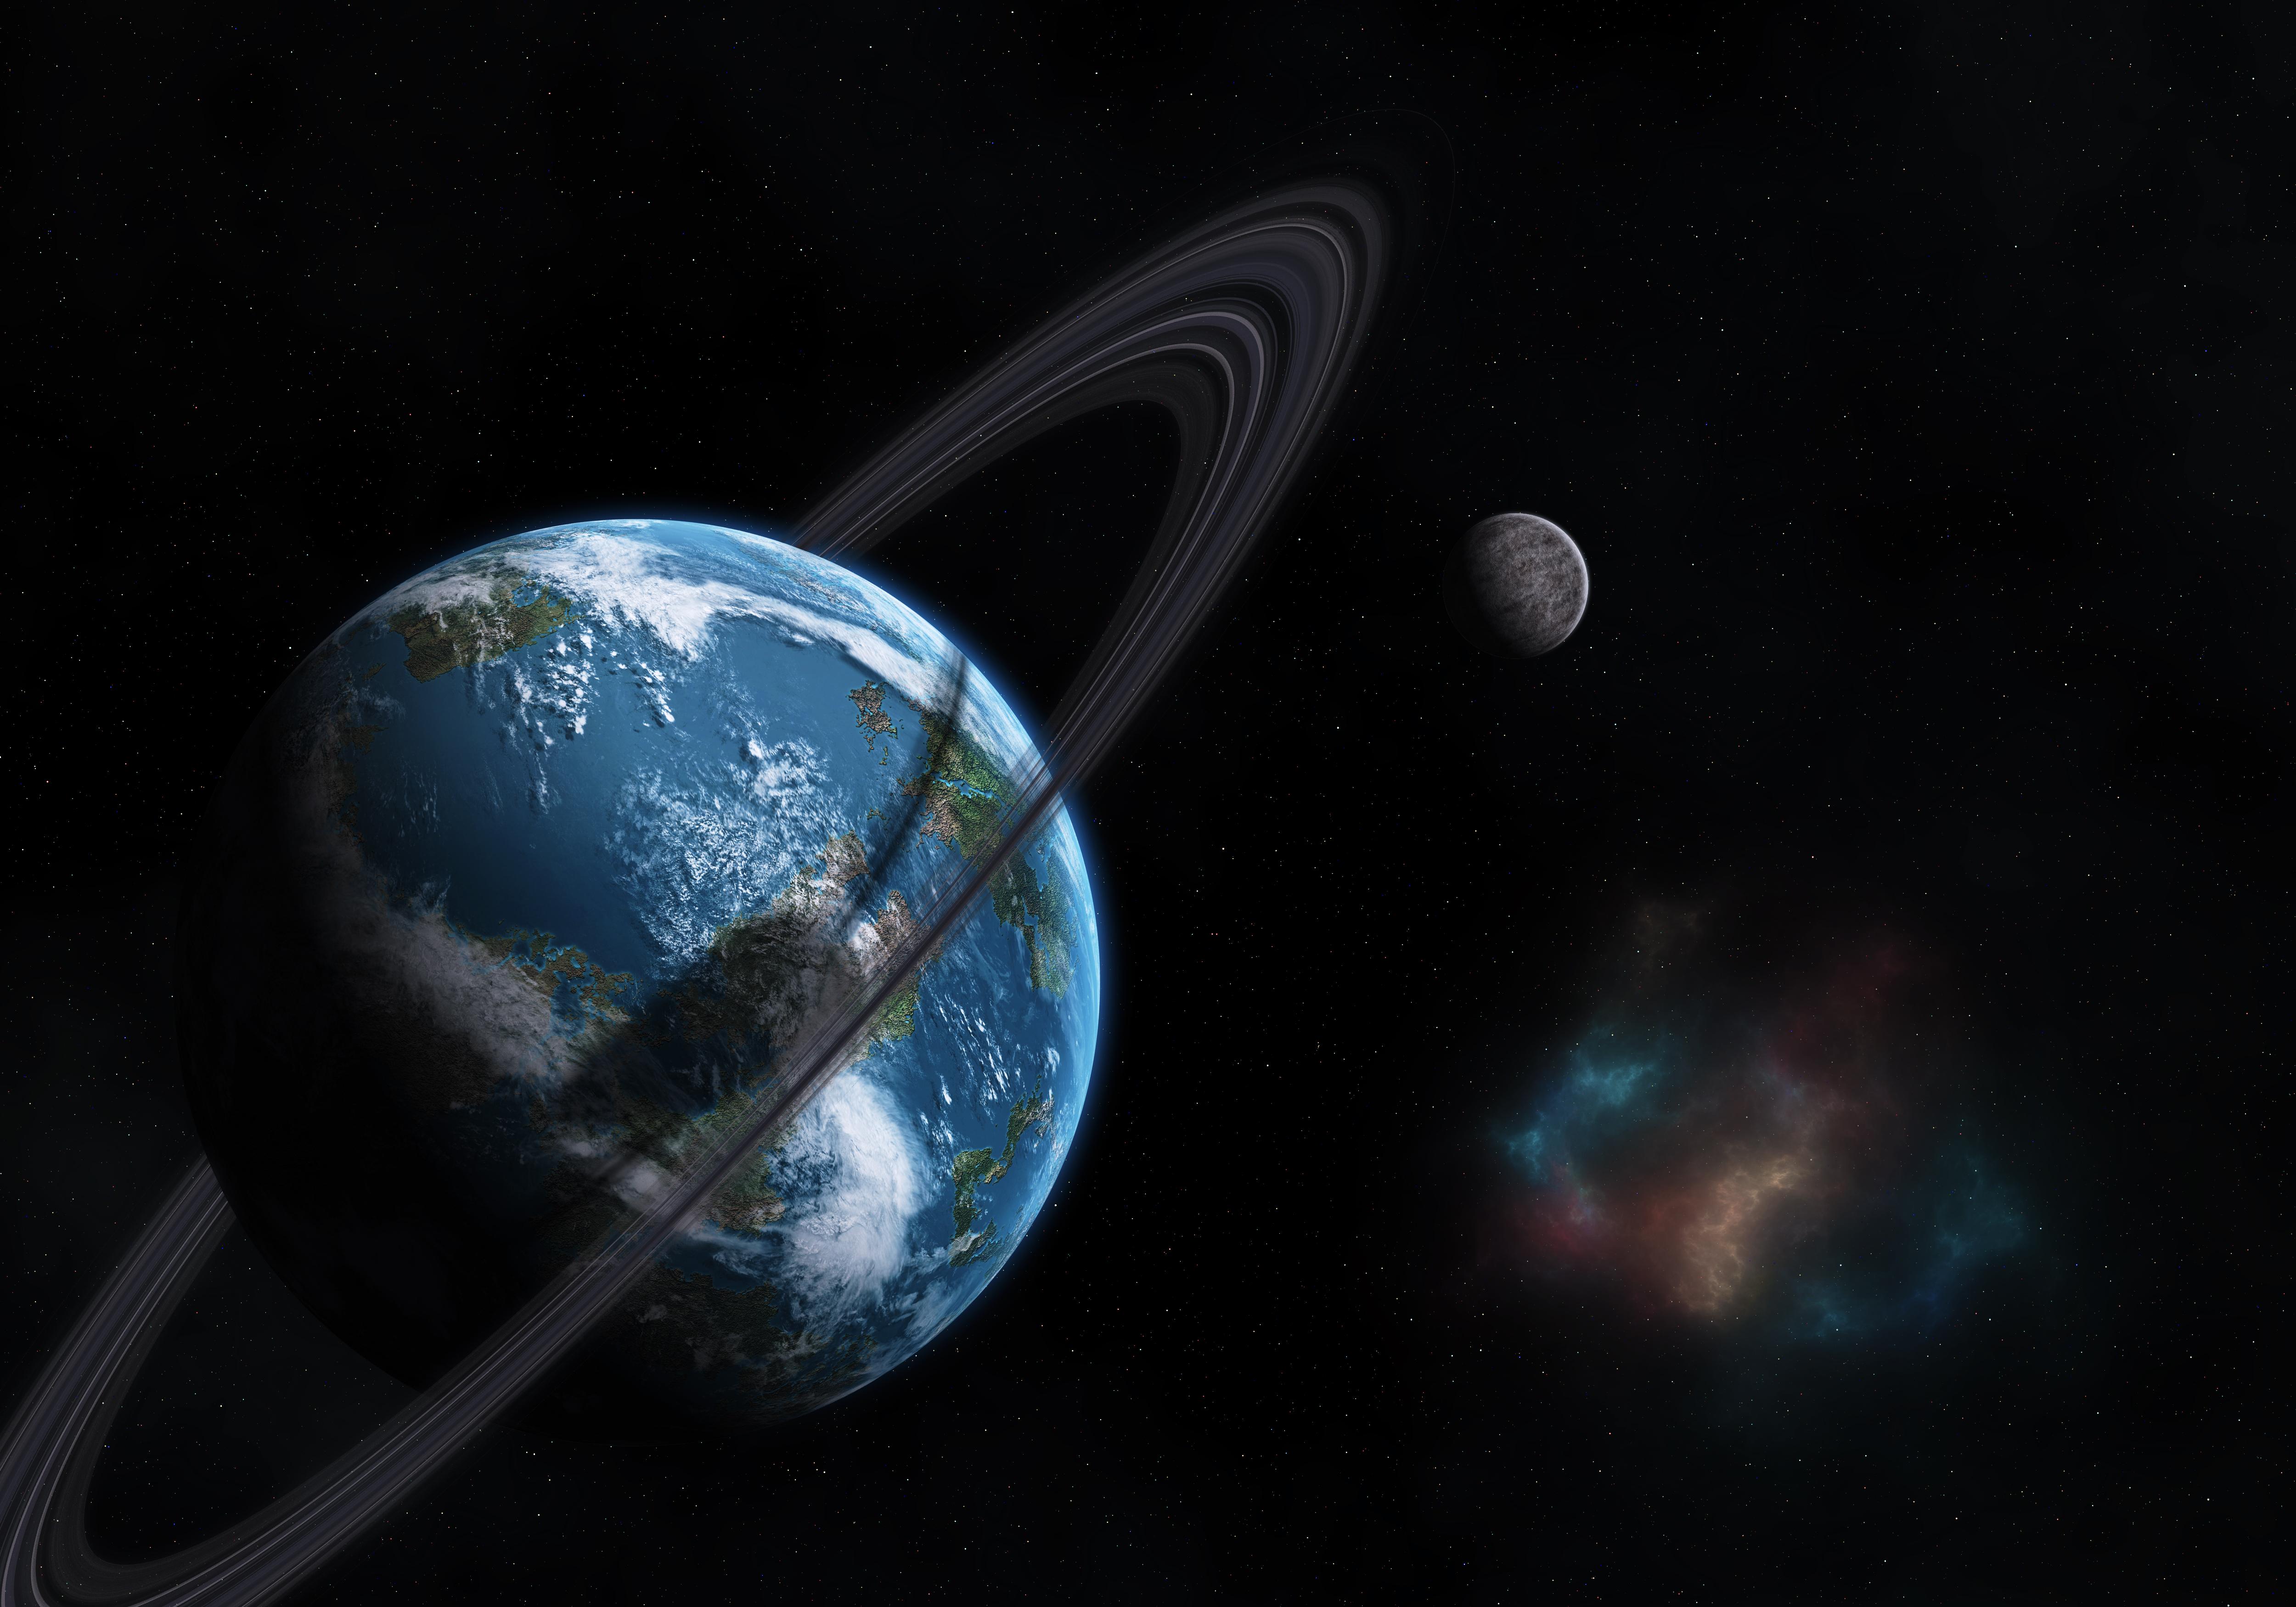 Обои космос земля спутник картинки на рабочий стол на тему Космос - скачать  № 1758113 бесплатно